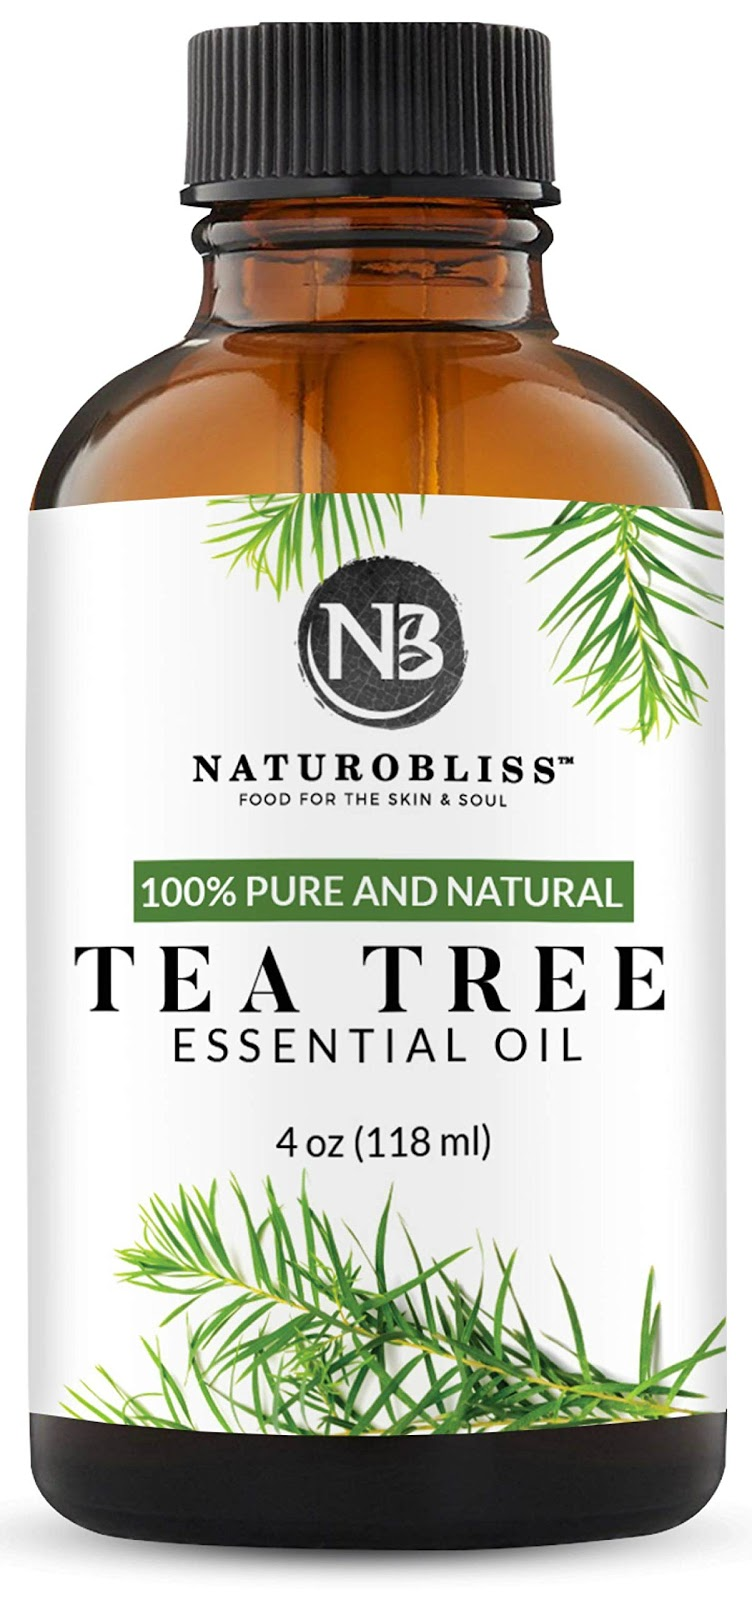 زيت شجرة الشاي لعلاج حب الشباب وعيوب البشرة Tea Tree Oil موقع جمالك